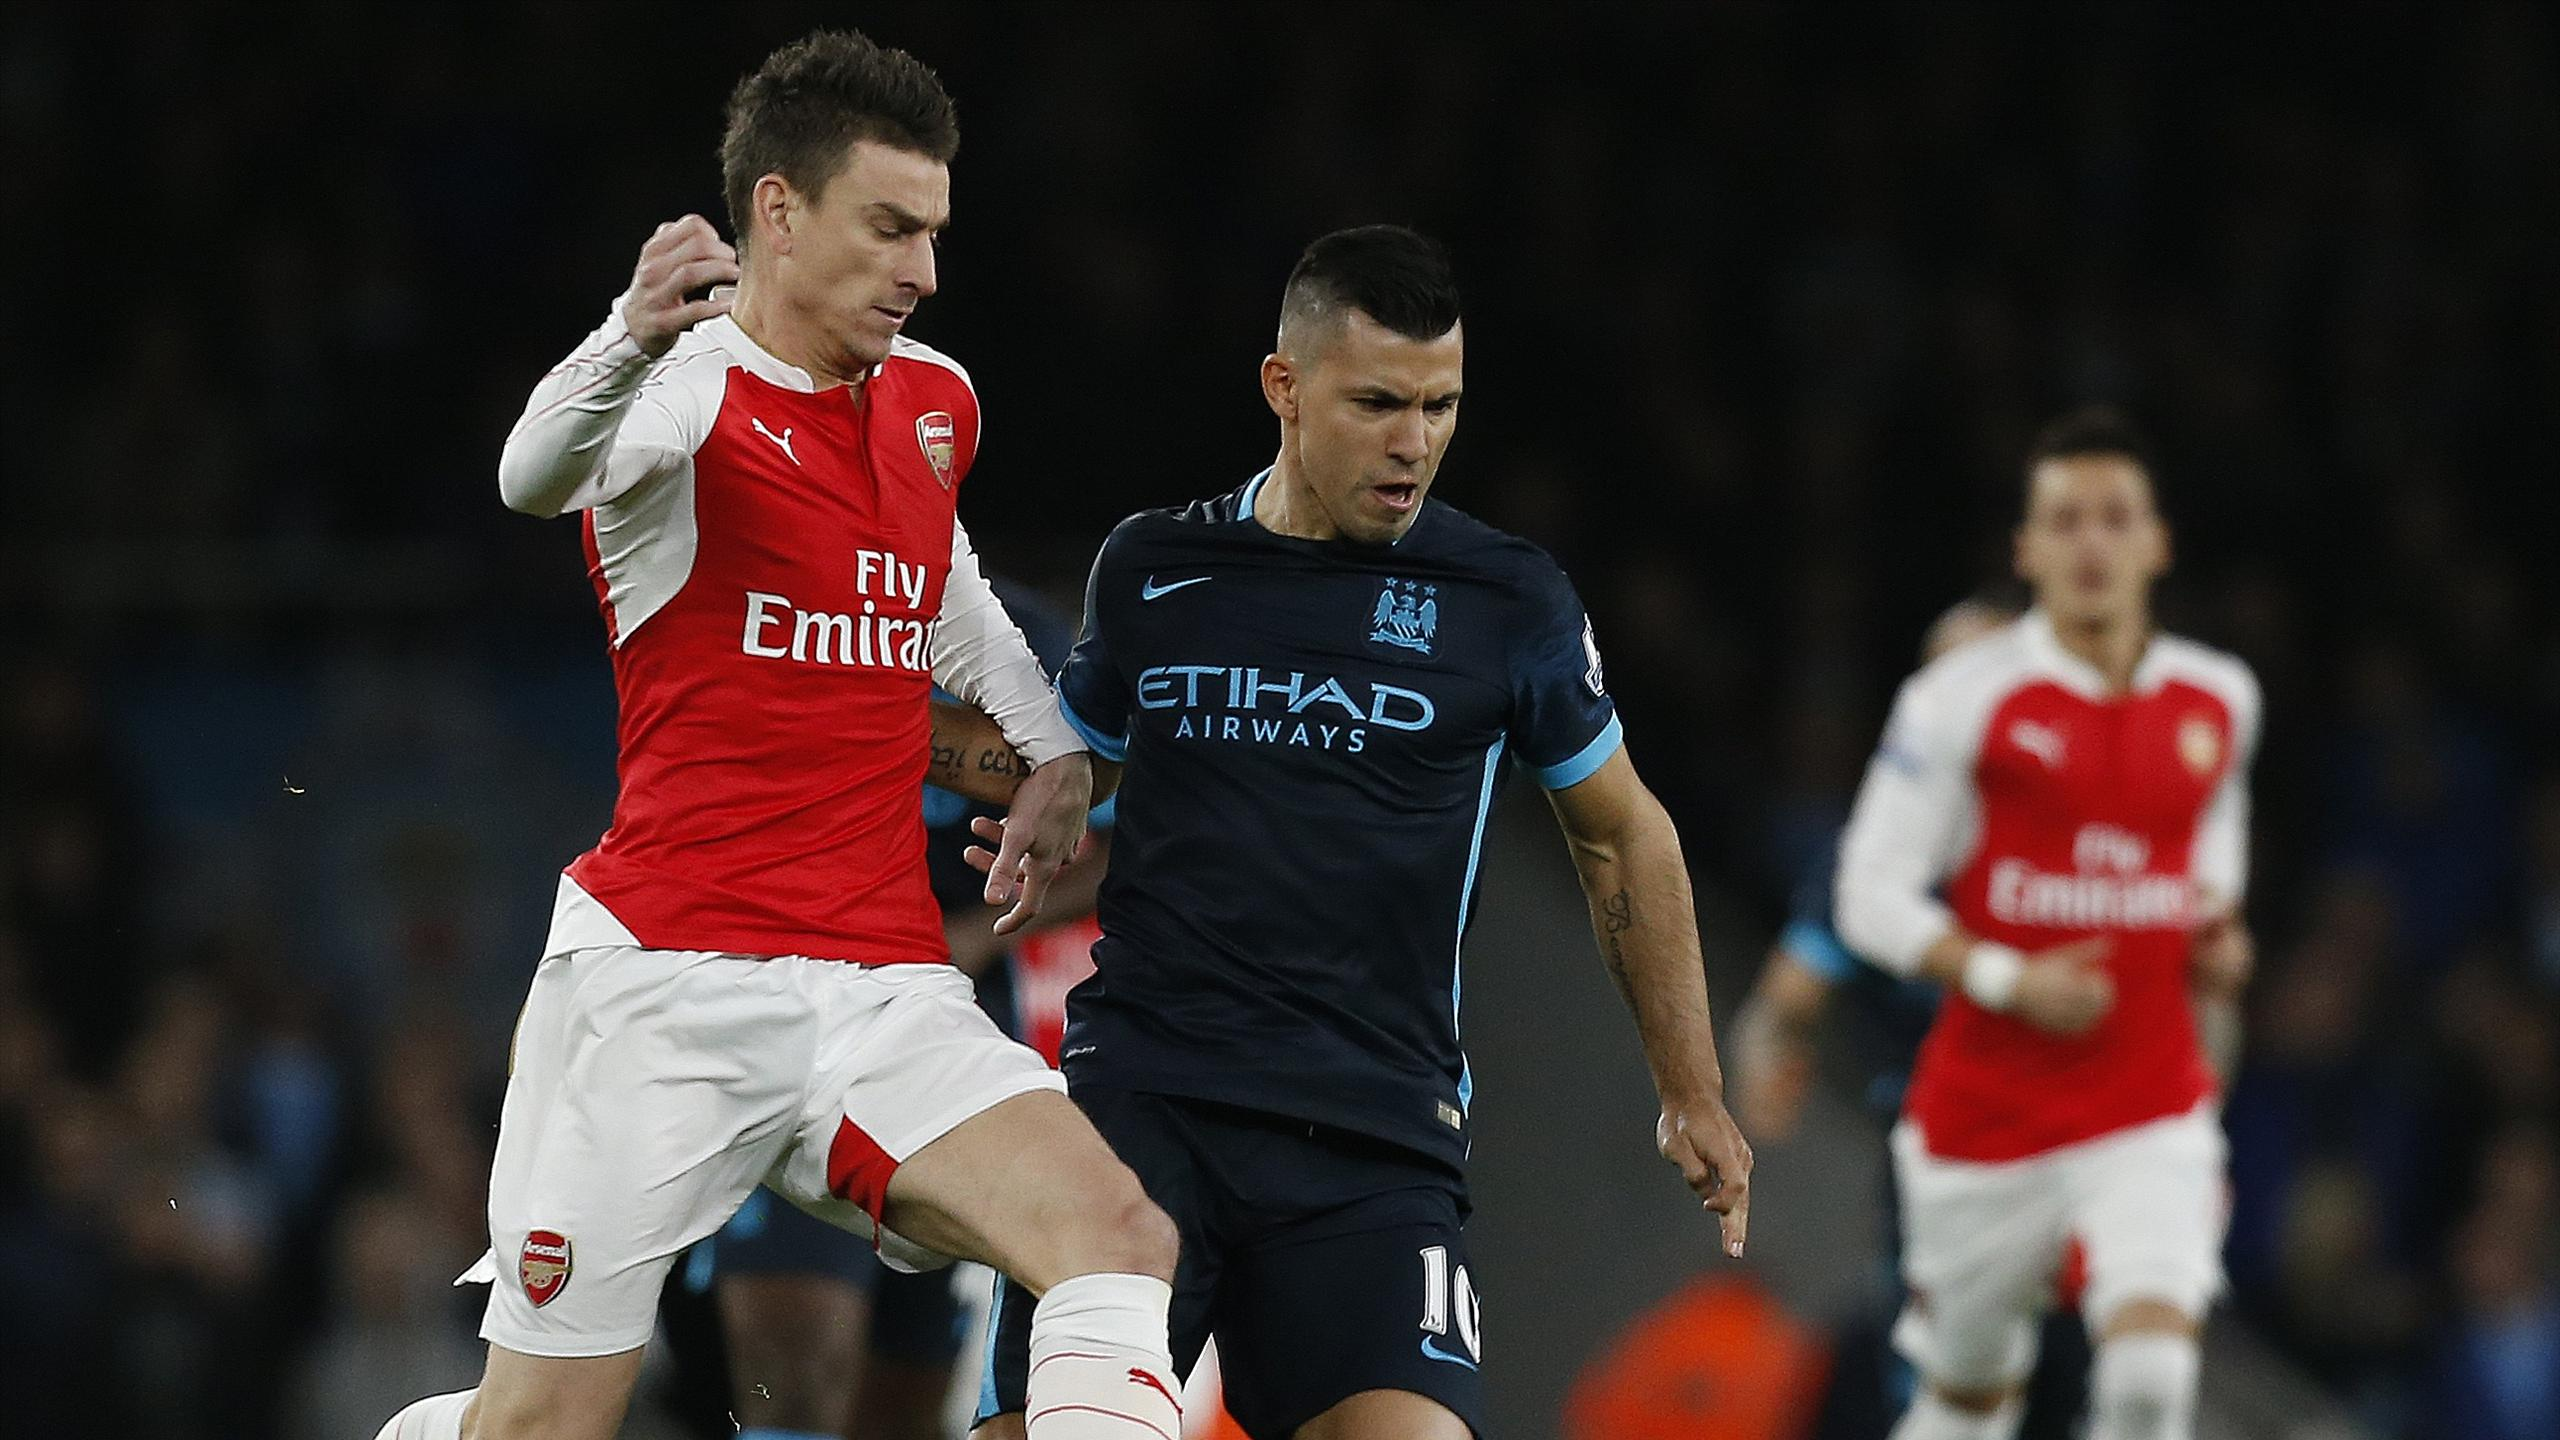 Laurent Koscielny (Arsenal) et Sergio Agüero (Manchester City) au duel